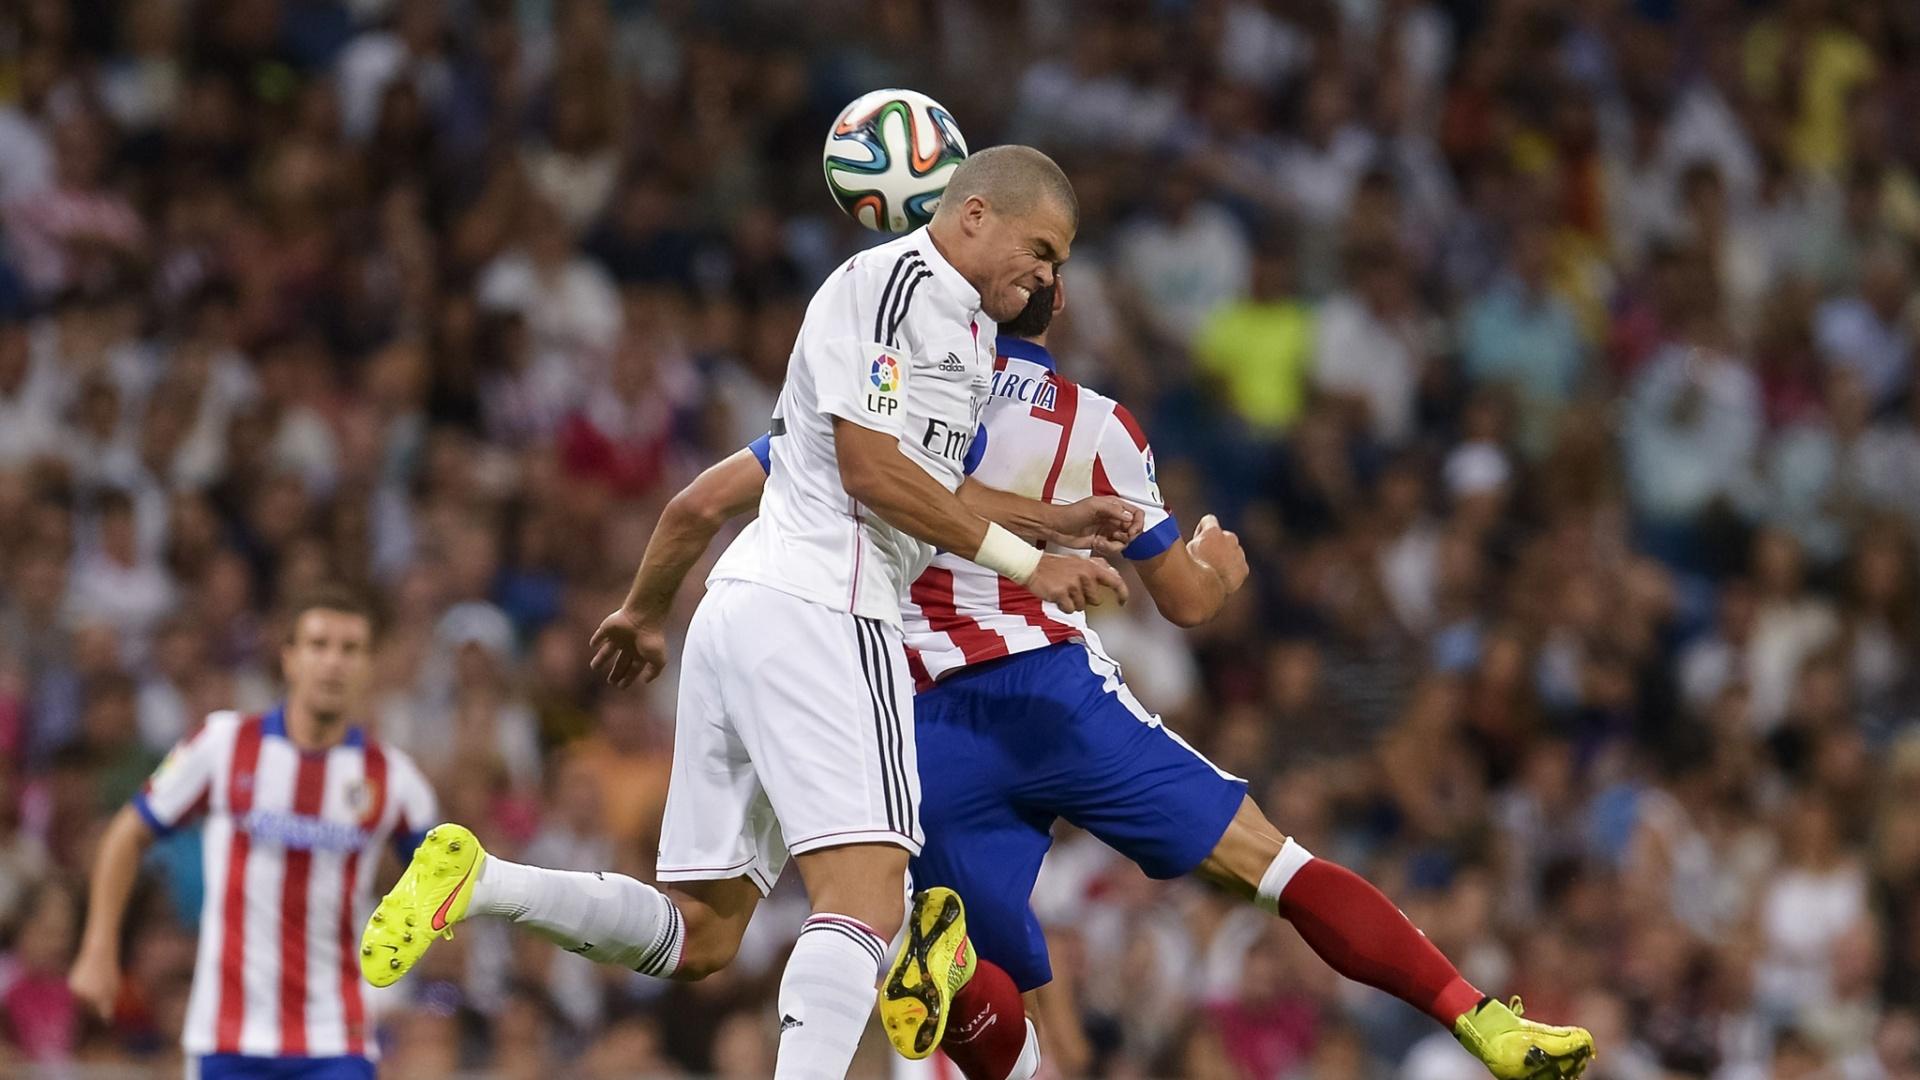 Zagueiro Pepe (frente) sobe de cabeça junto com Raul García no jogo entre Real x Atlético